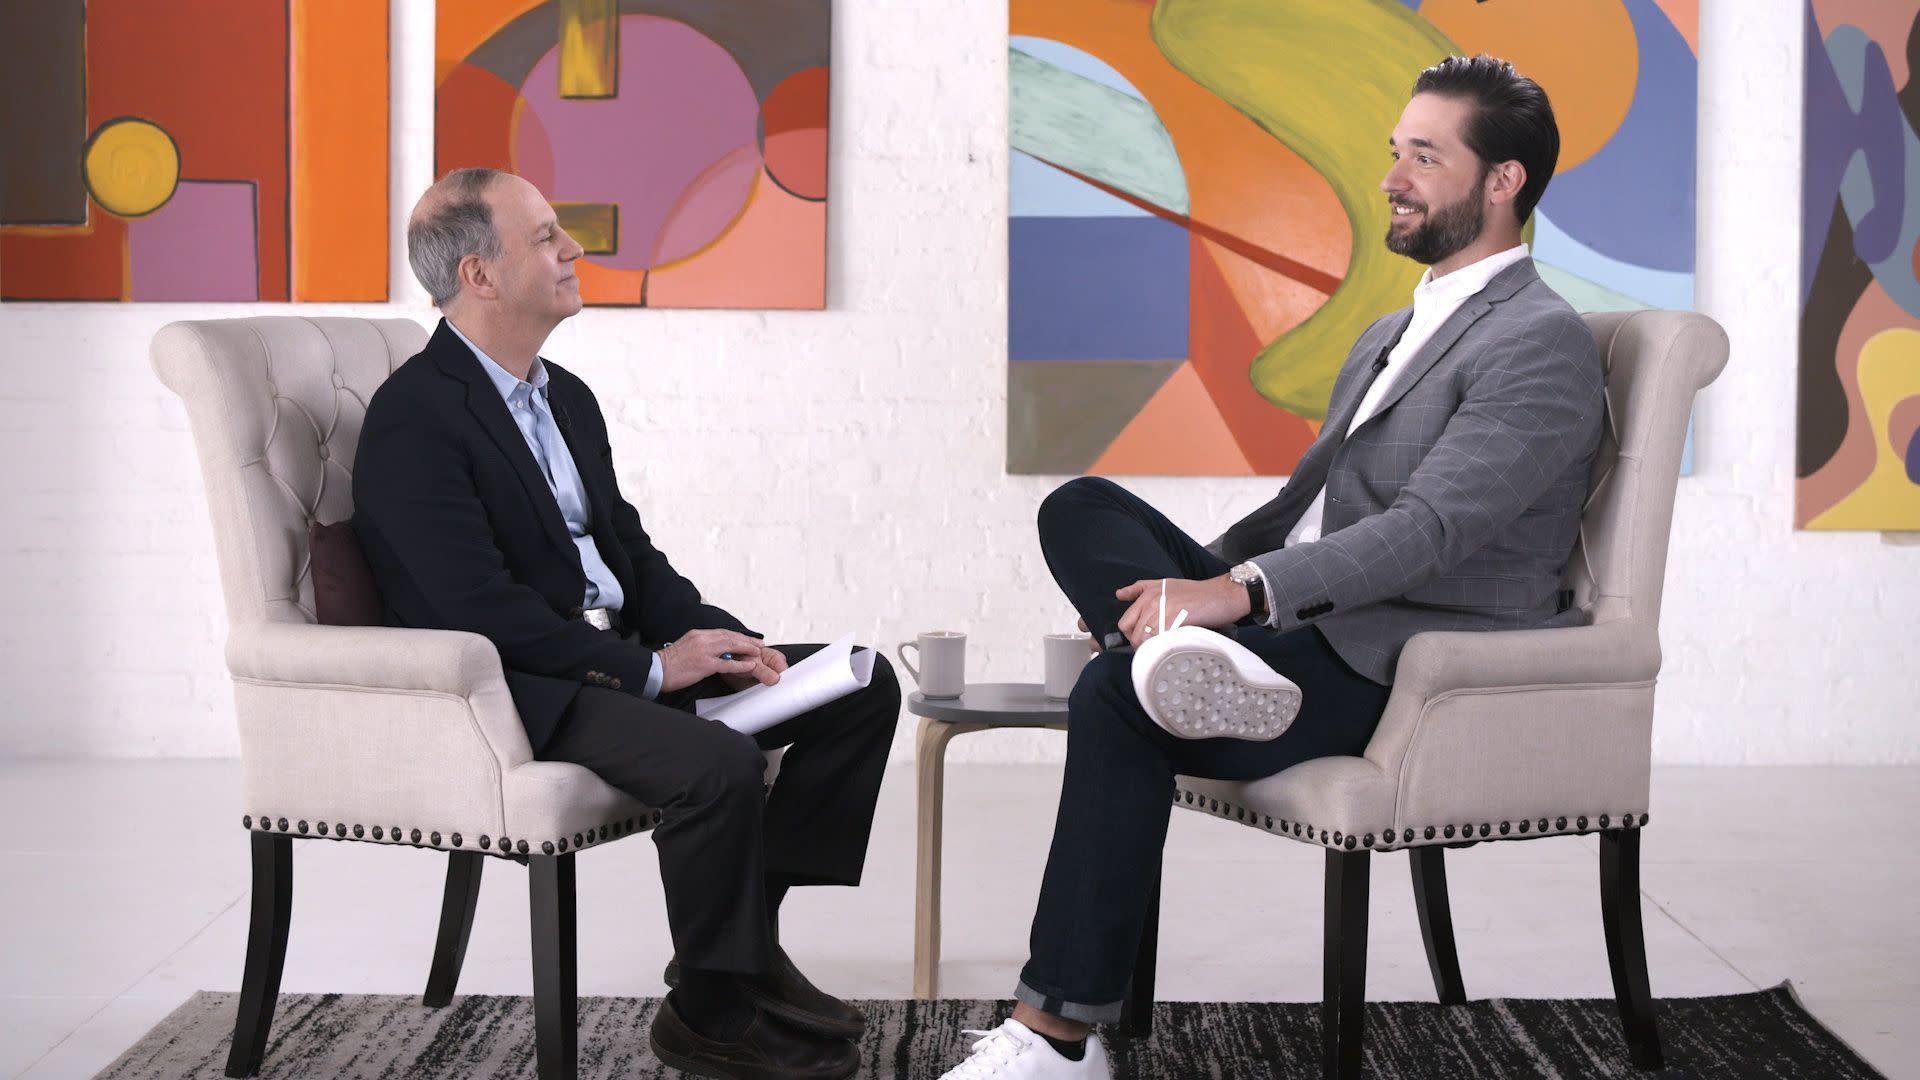 Influencers Transcript: Alexis Ohanian, February 21, 2019